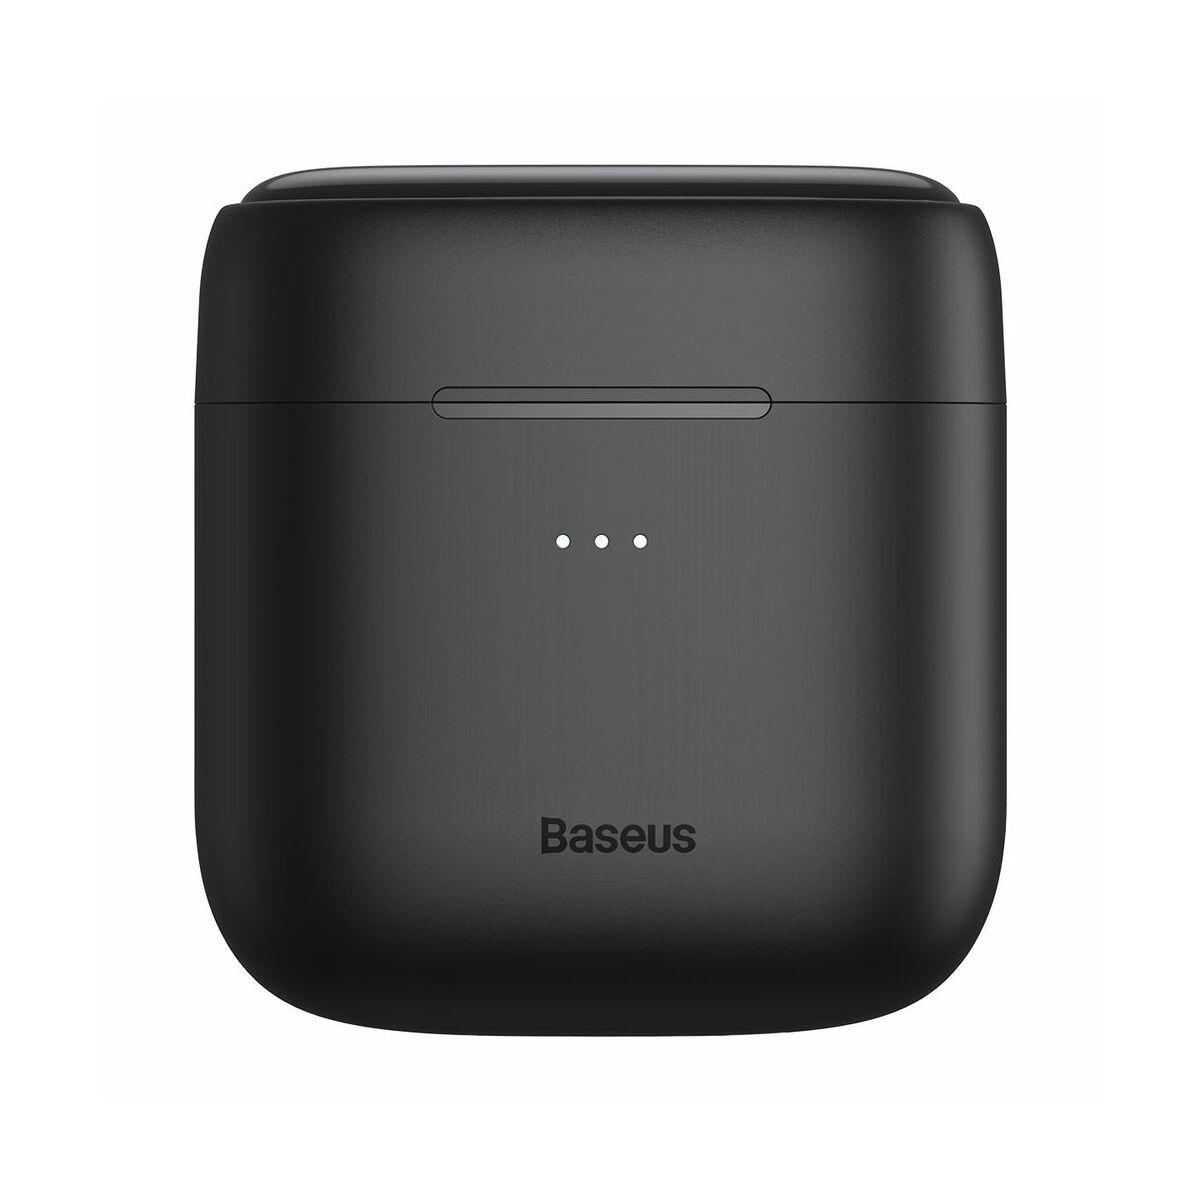 Baseus fülhallgató, Bluetooth Encok W06, True Wireless, vezeték nélküli, BT 5.0 TWS, 5 óra zeneidő, fekete (NGW06-01)